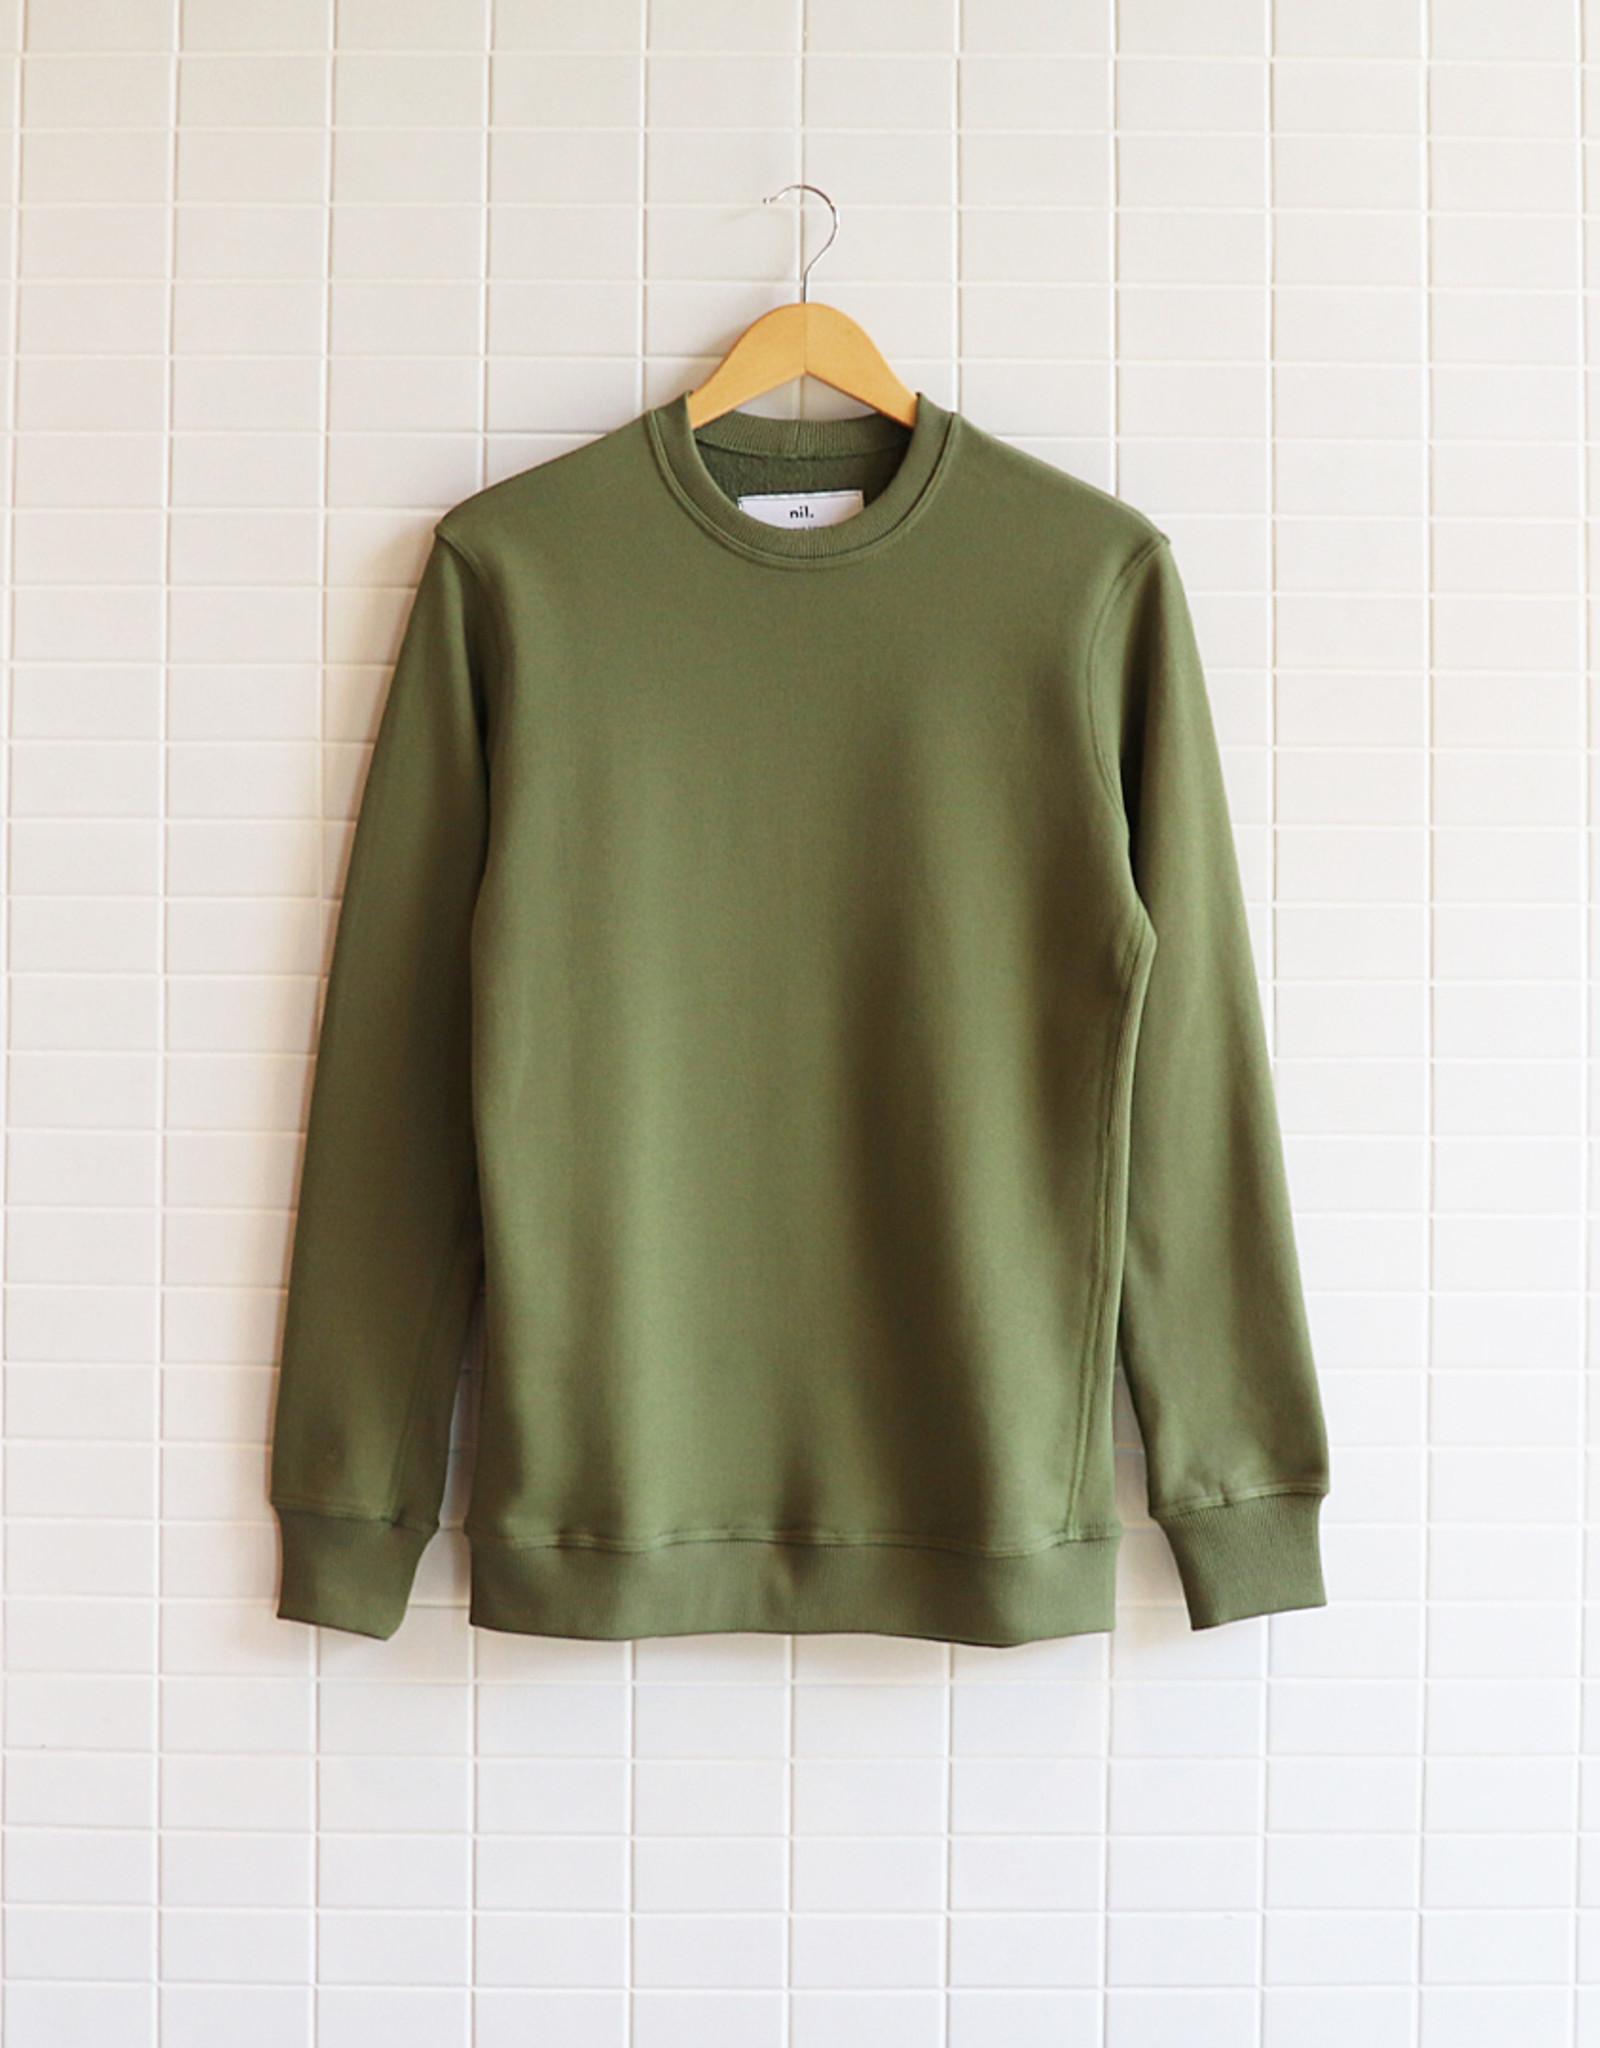 Nil - Sweatshirt Classique - Kaki